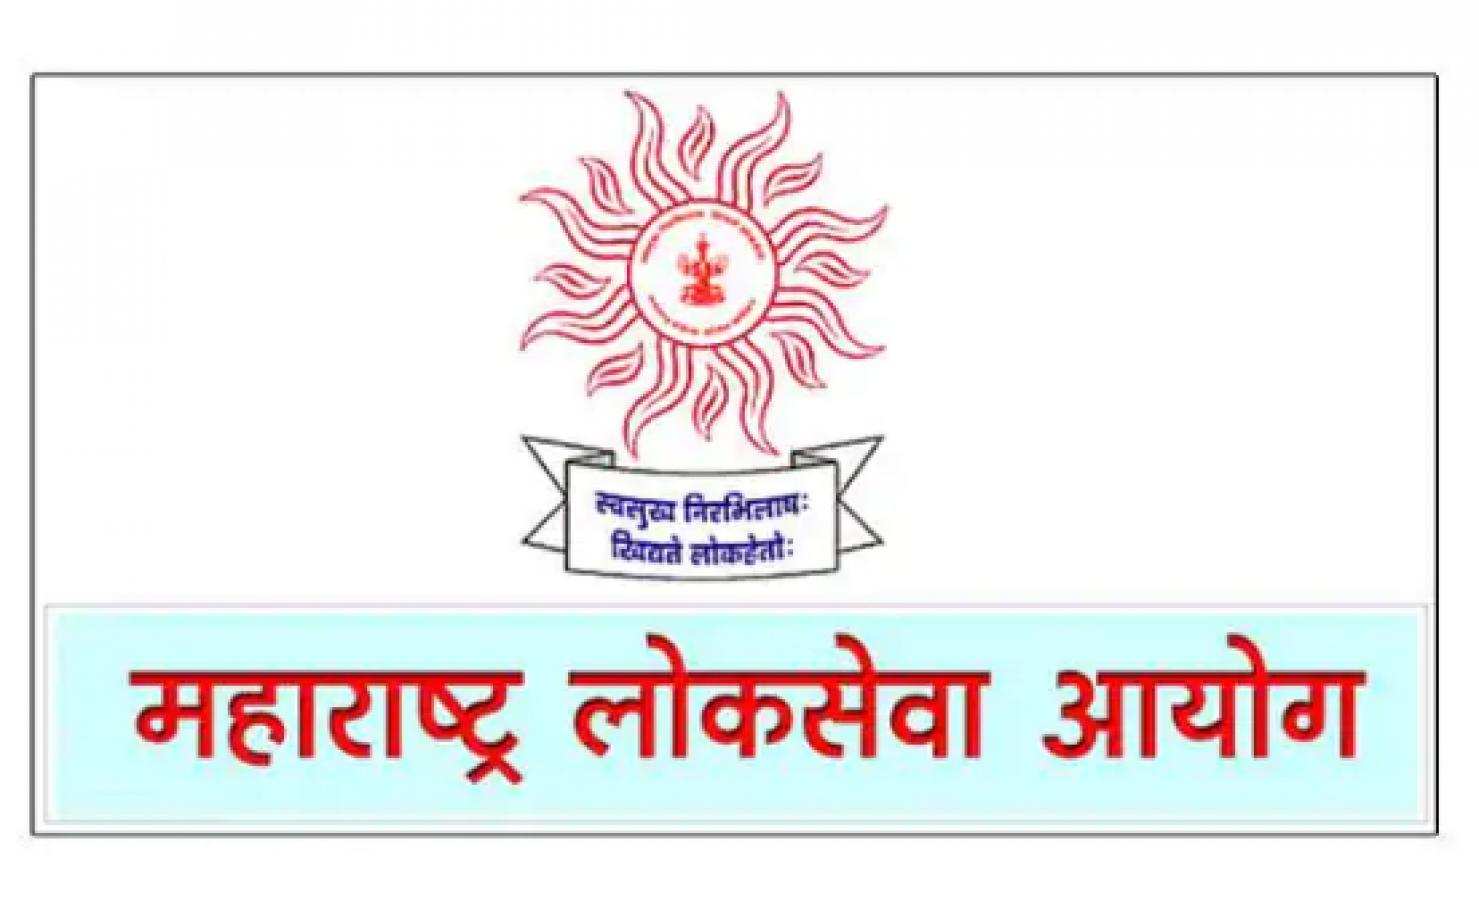 Maharashtra PSC में बम्पर भर्ती, अभी करें आवेदन